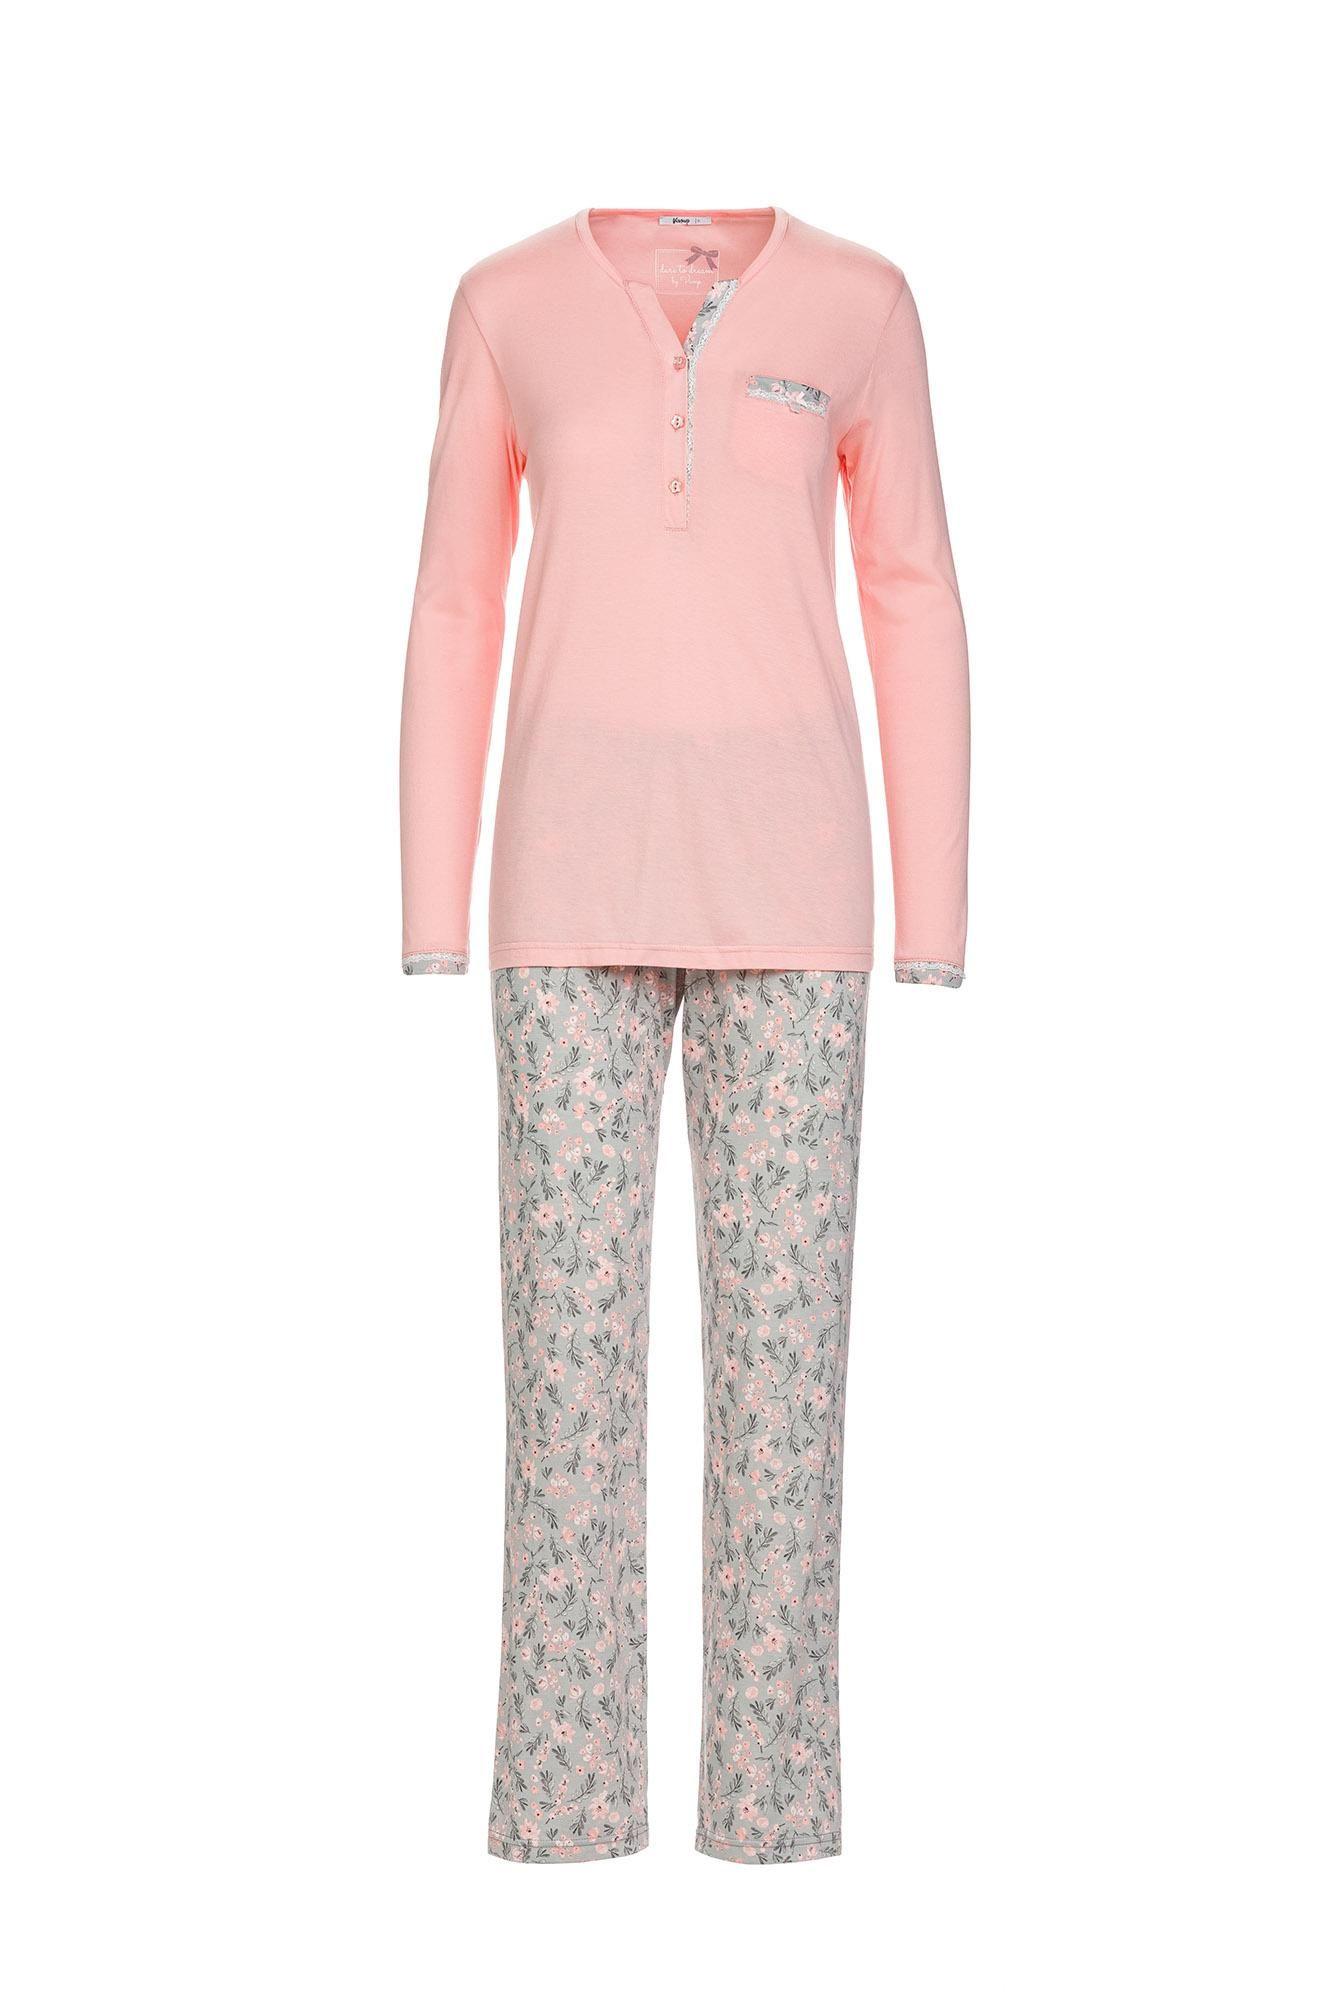 Women's Nursing Pyjamas Plus Size